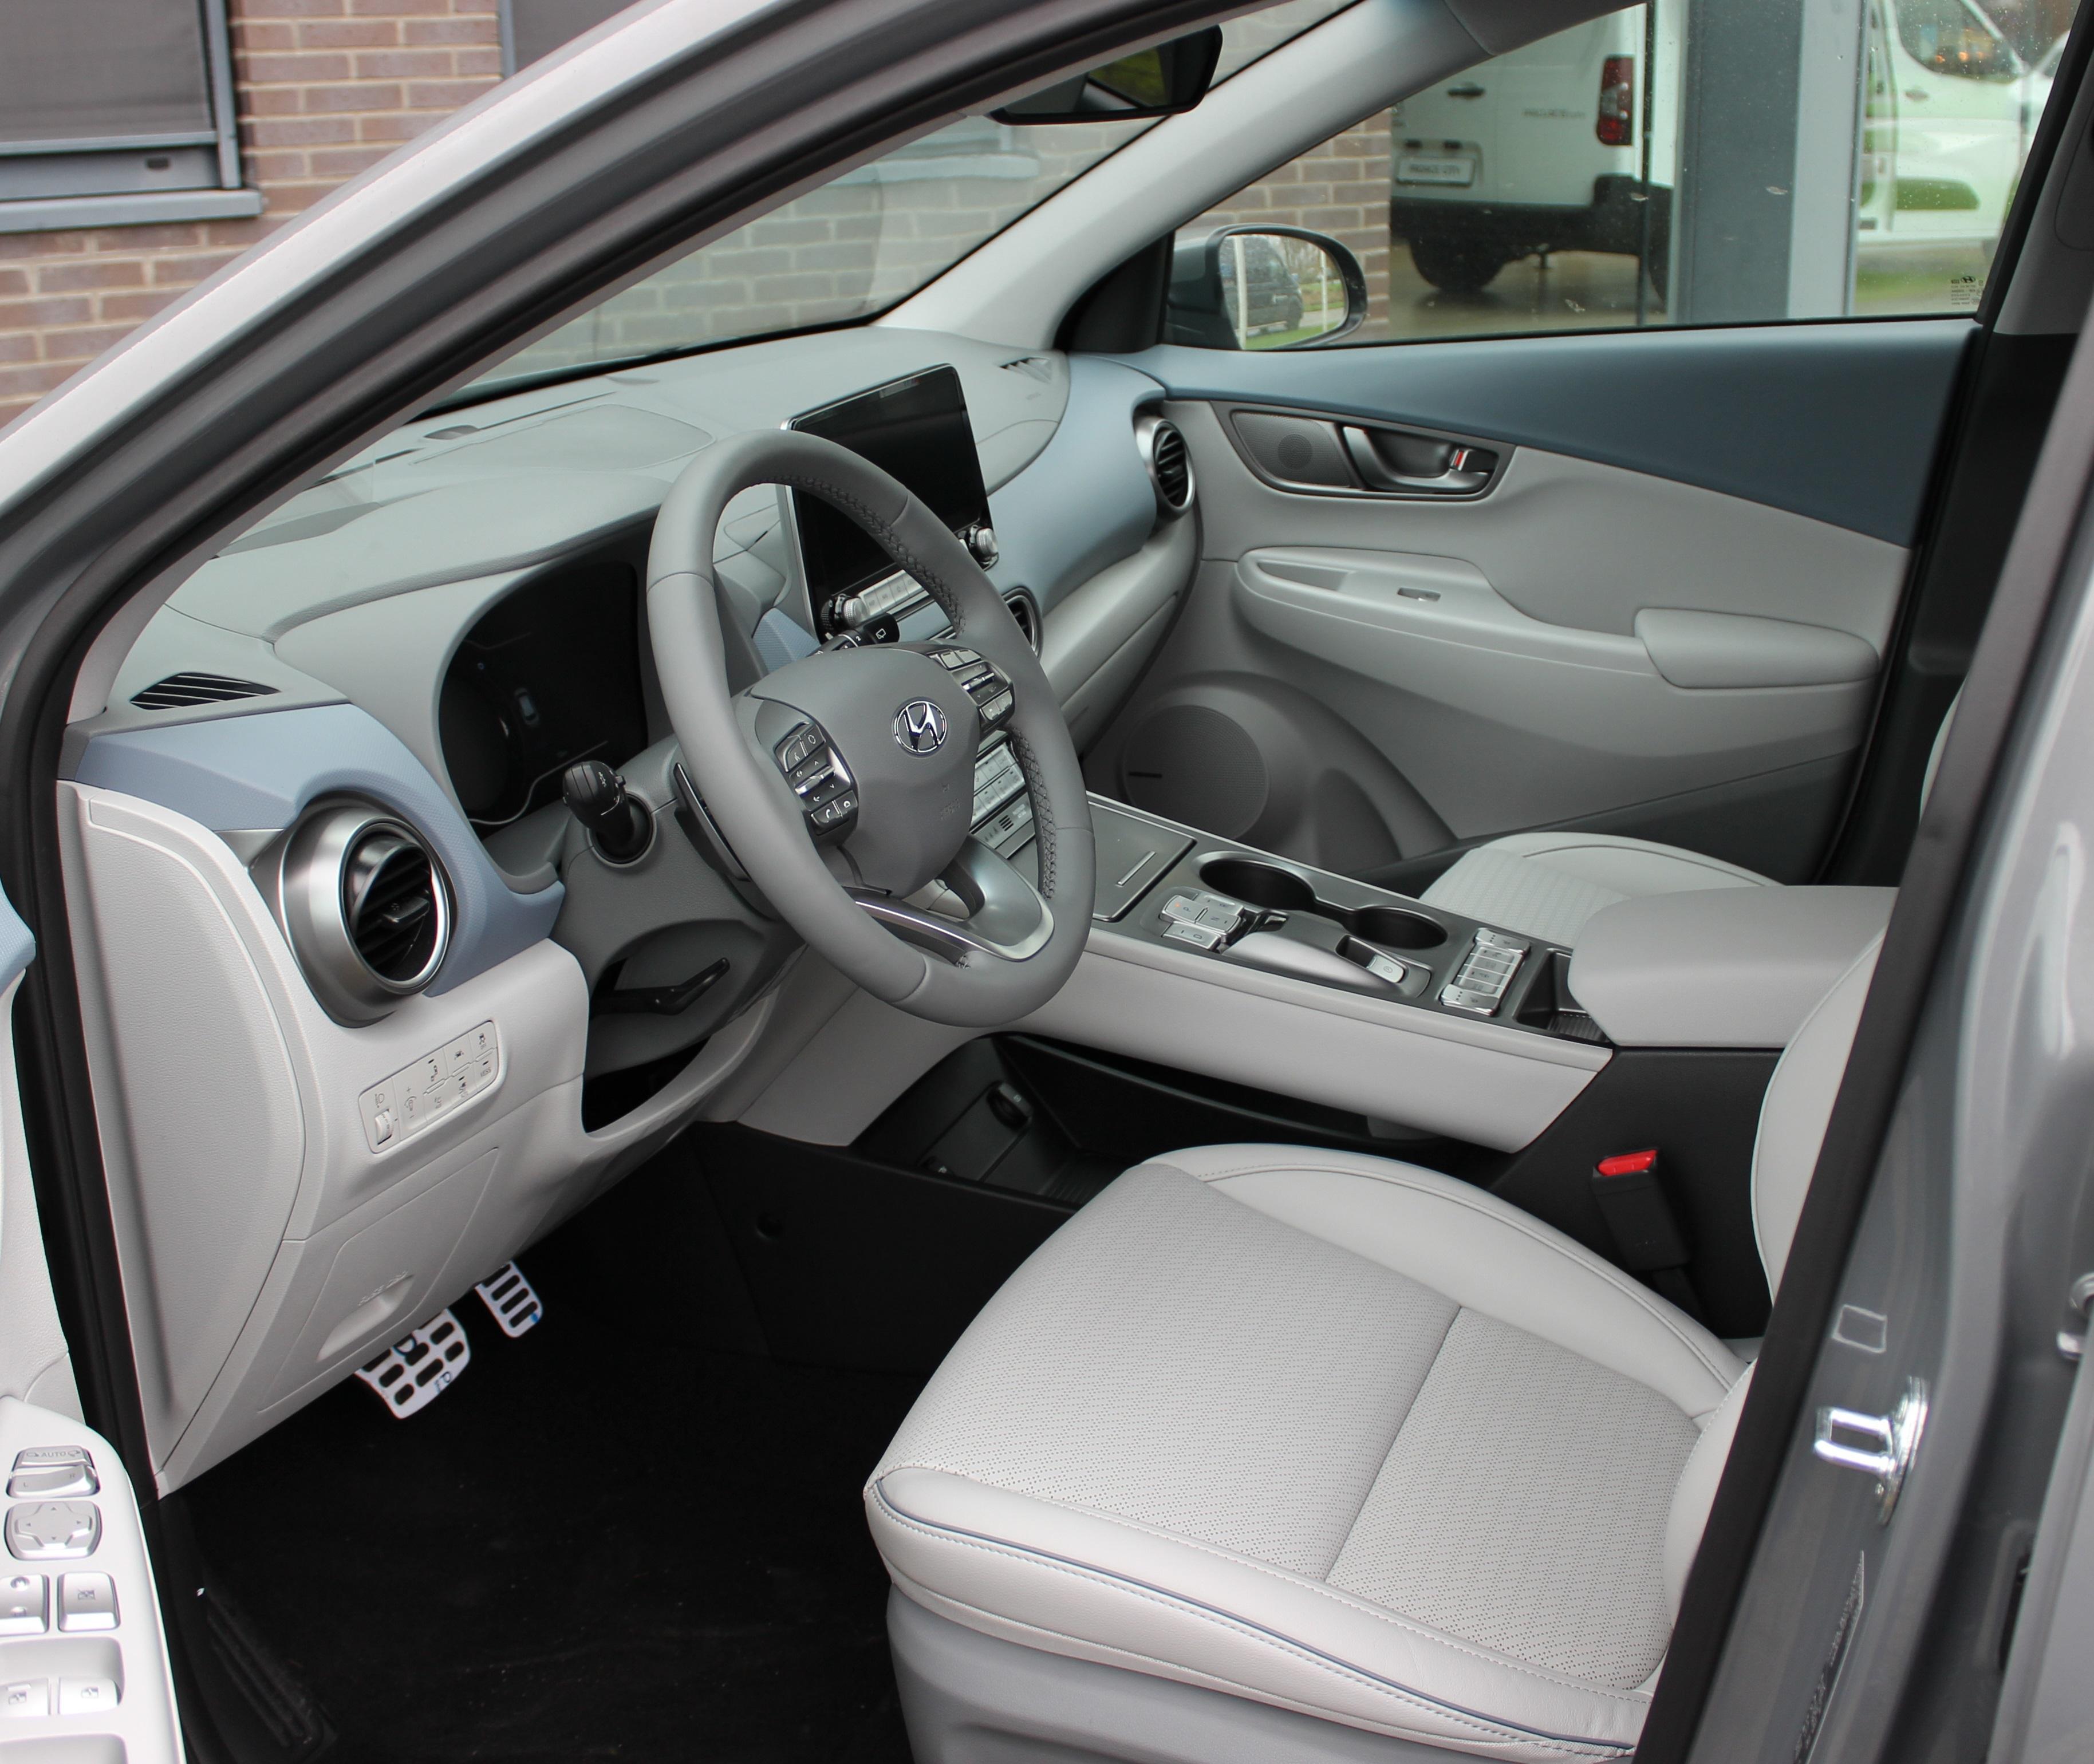 Hyundai instap